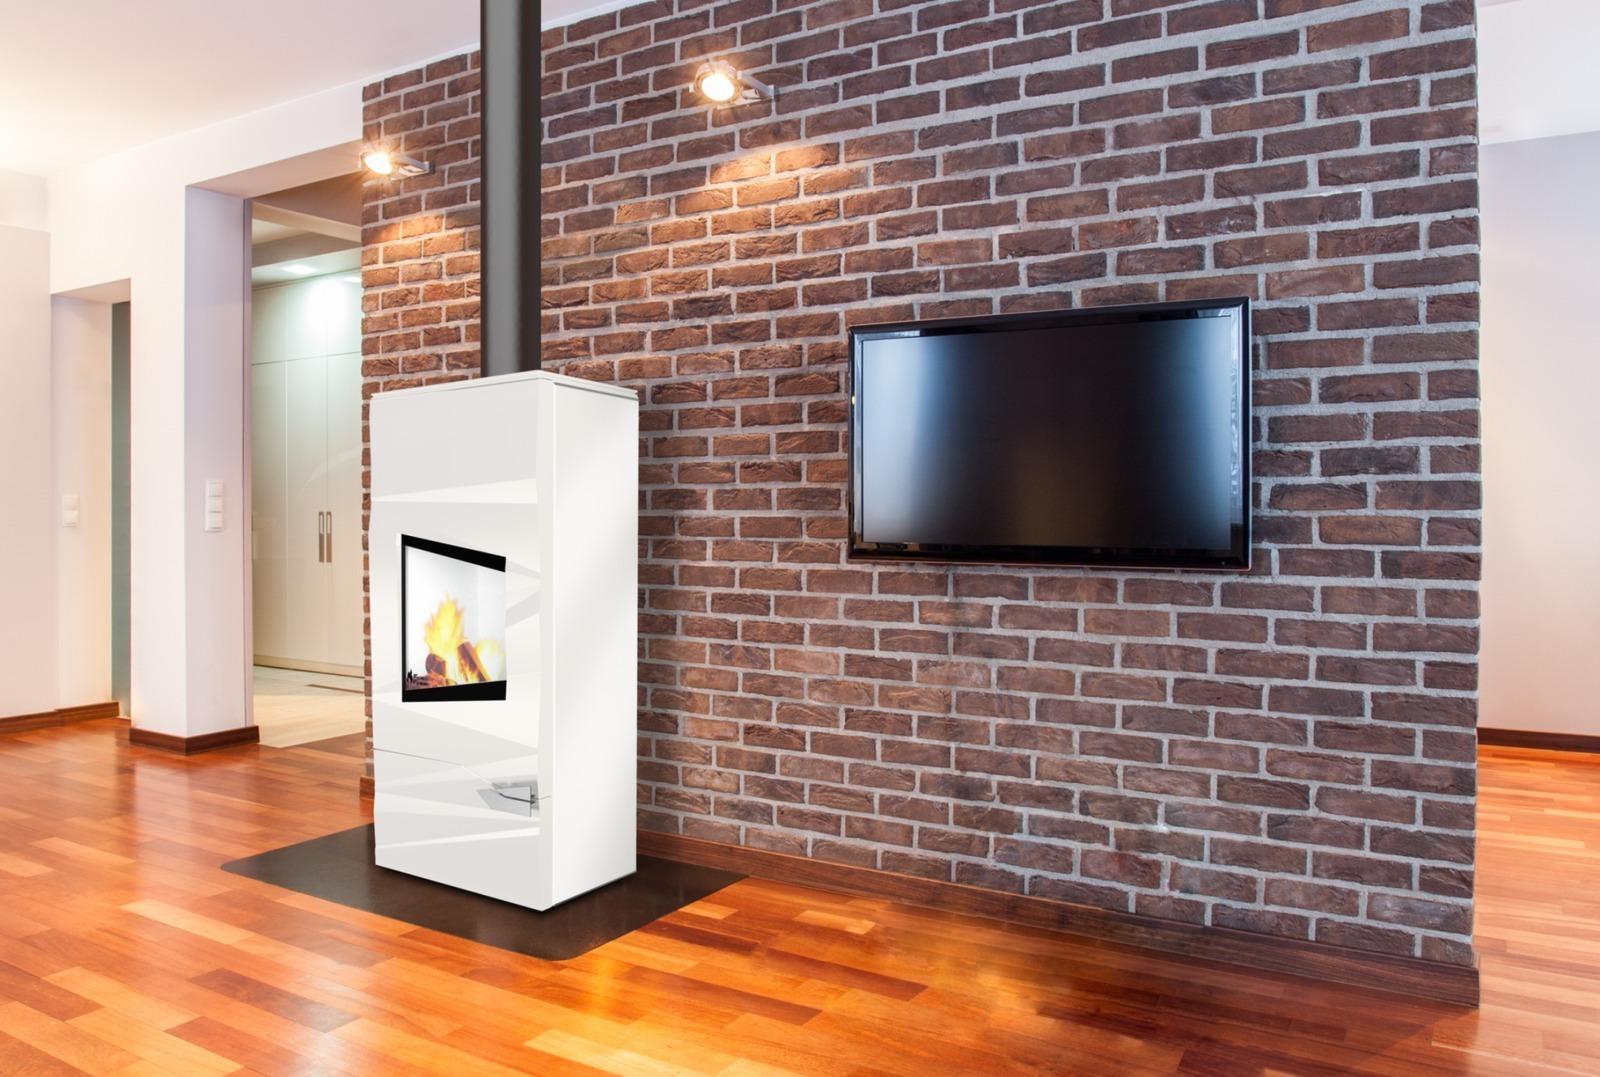 installation de po les bois bordeaux pose plus. Black Bedroom Furniture Sets. Home Design Ideas